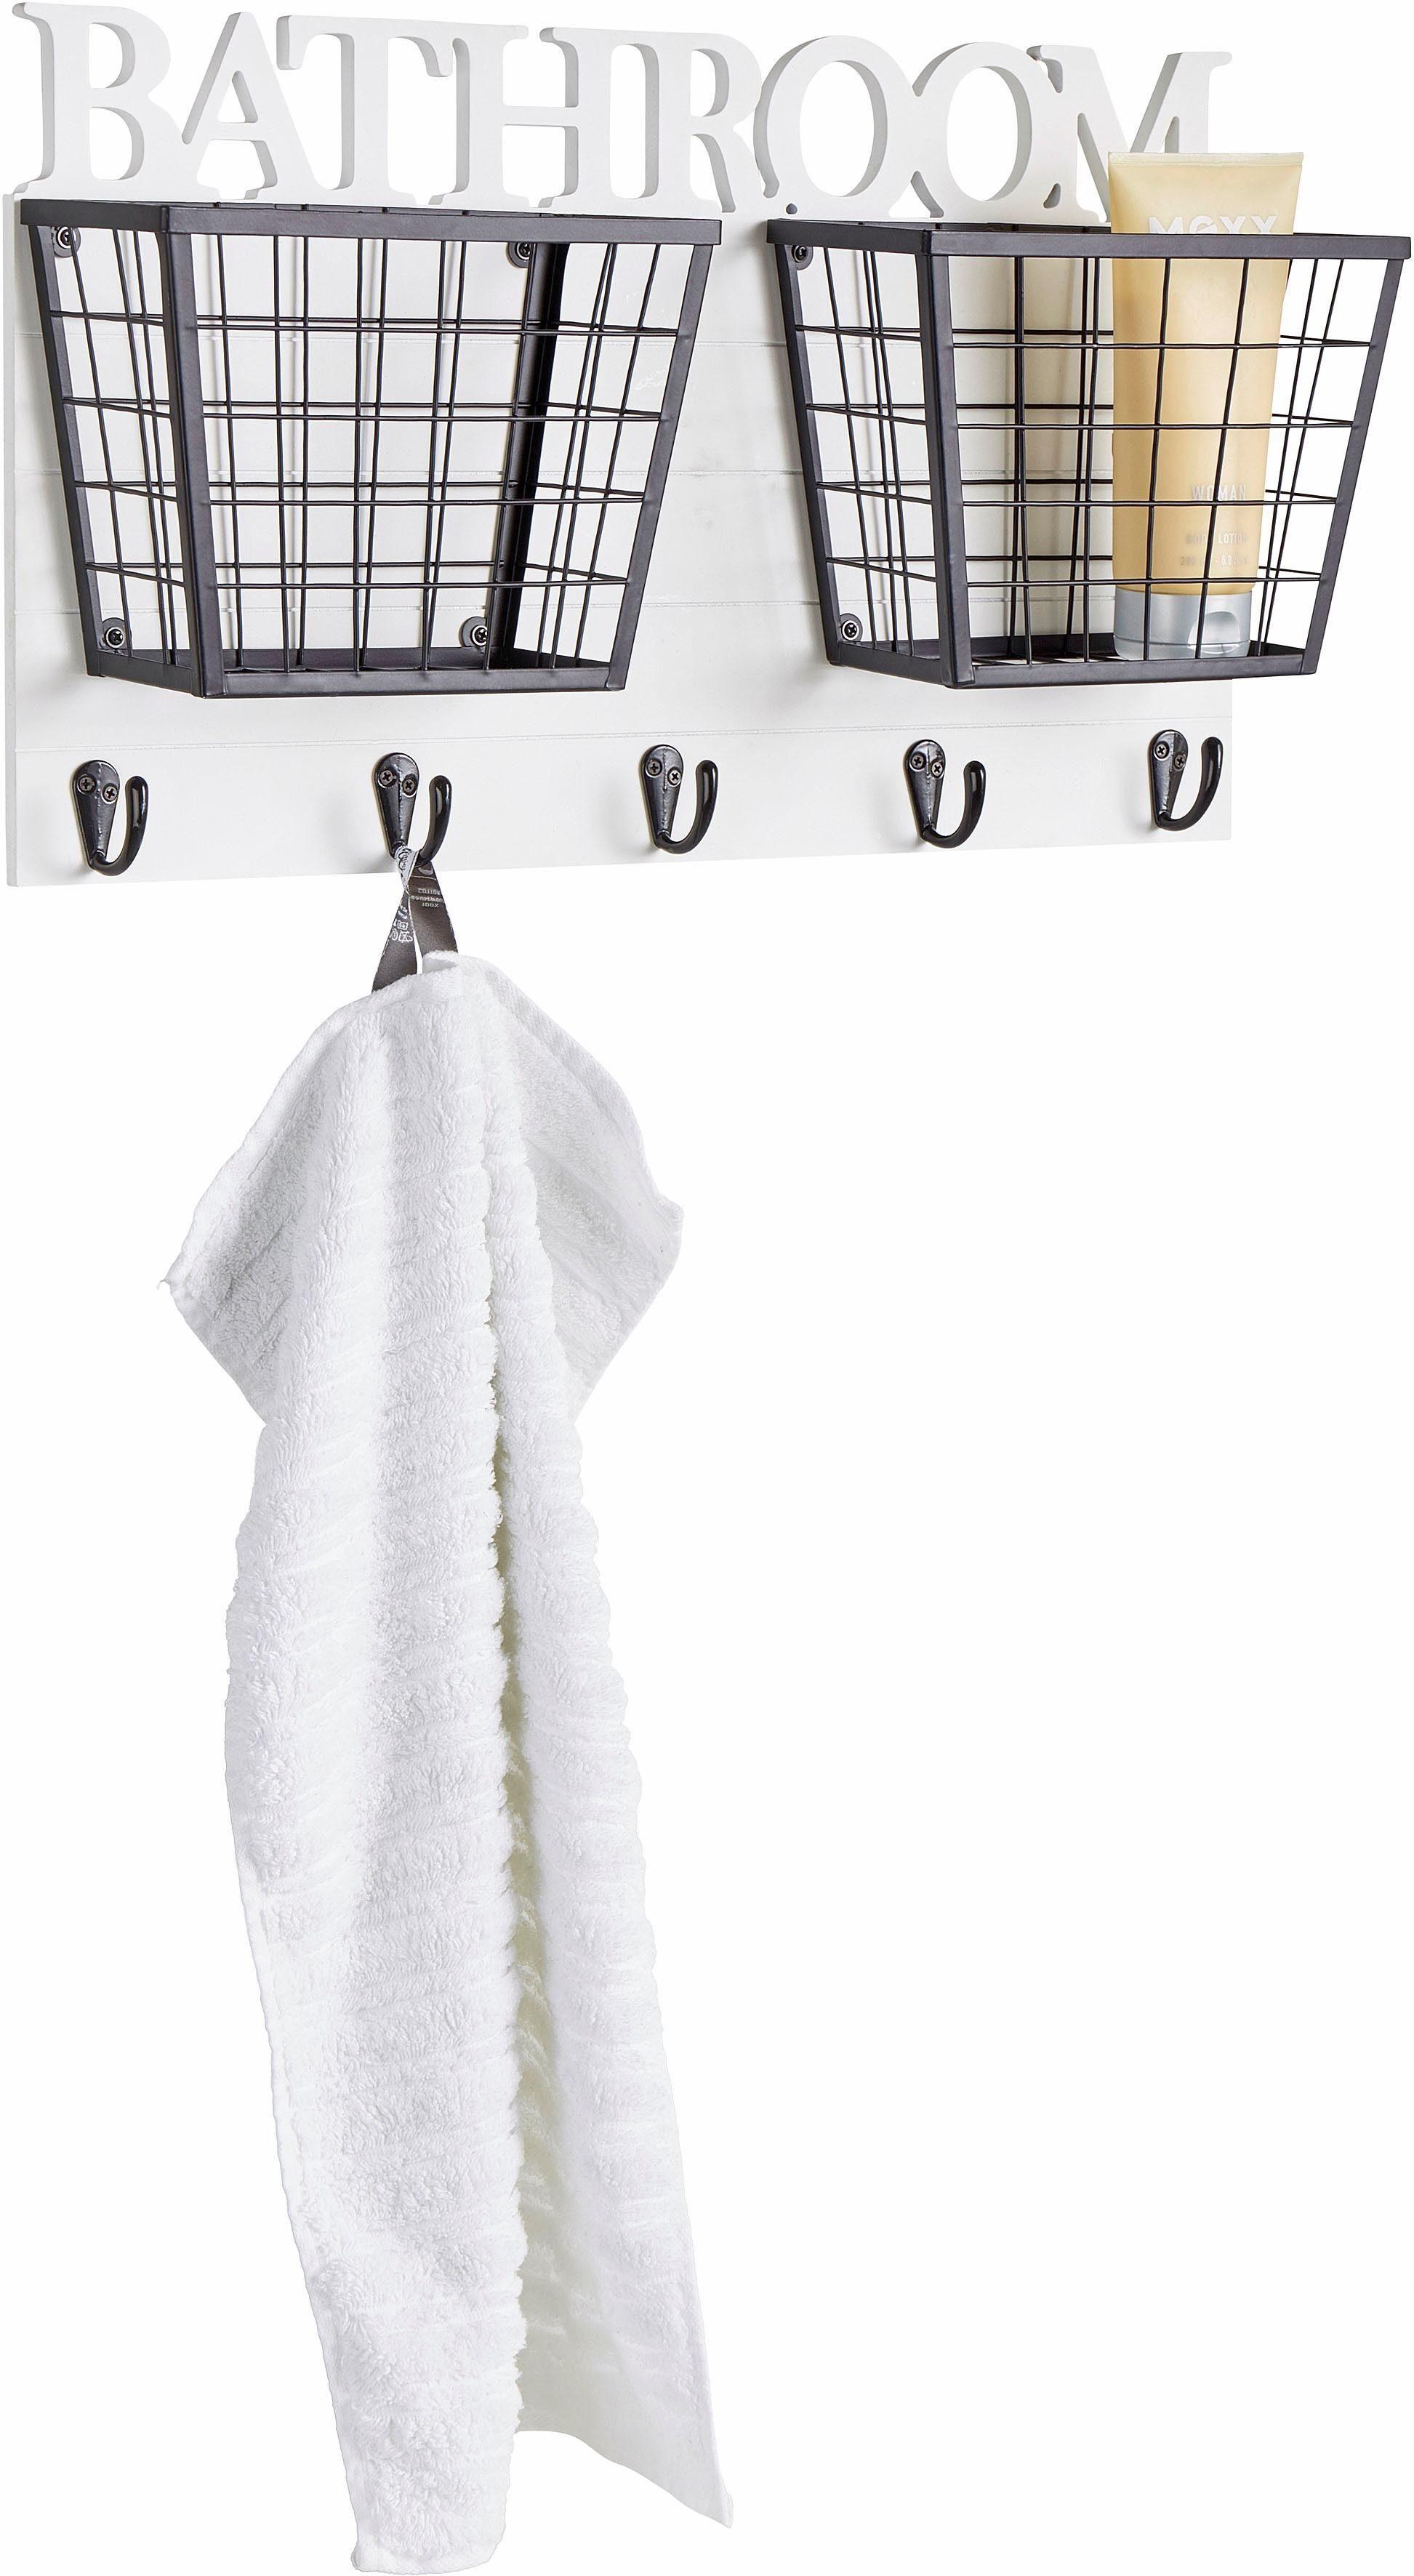 Home affaire Badregal »Bathroom«, mit 2 Körben und Haken